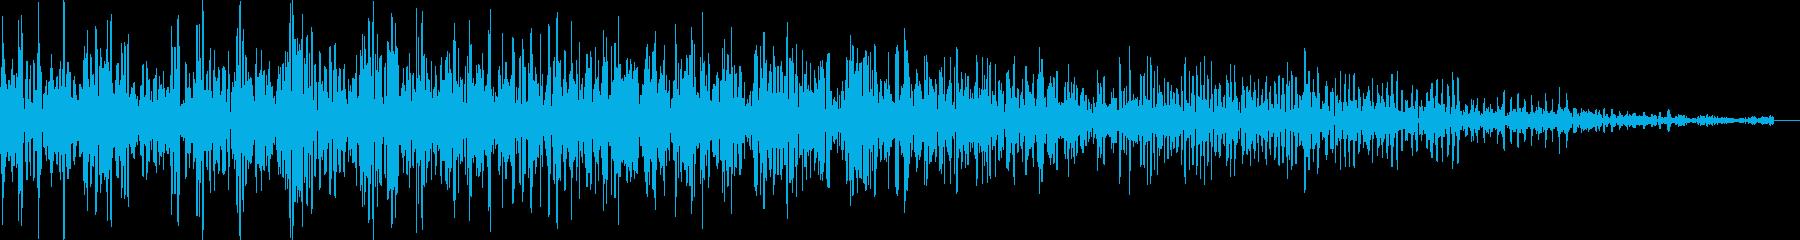 ロボットの動作音(遠くで響く)の再生済みの波形